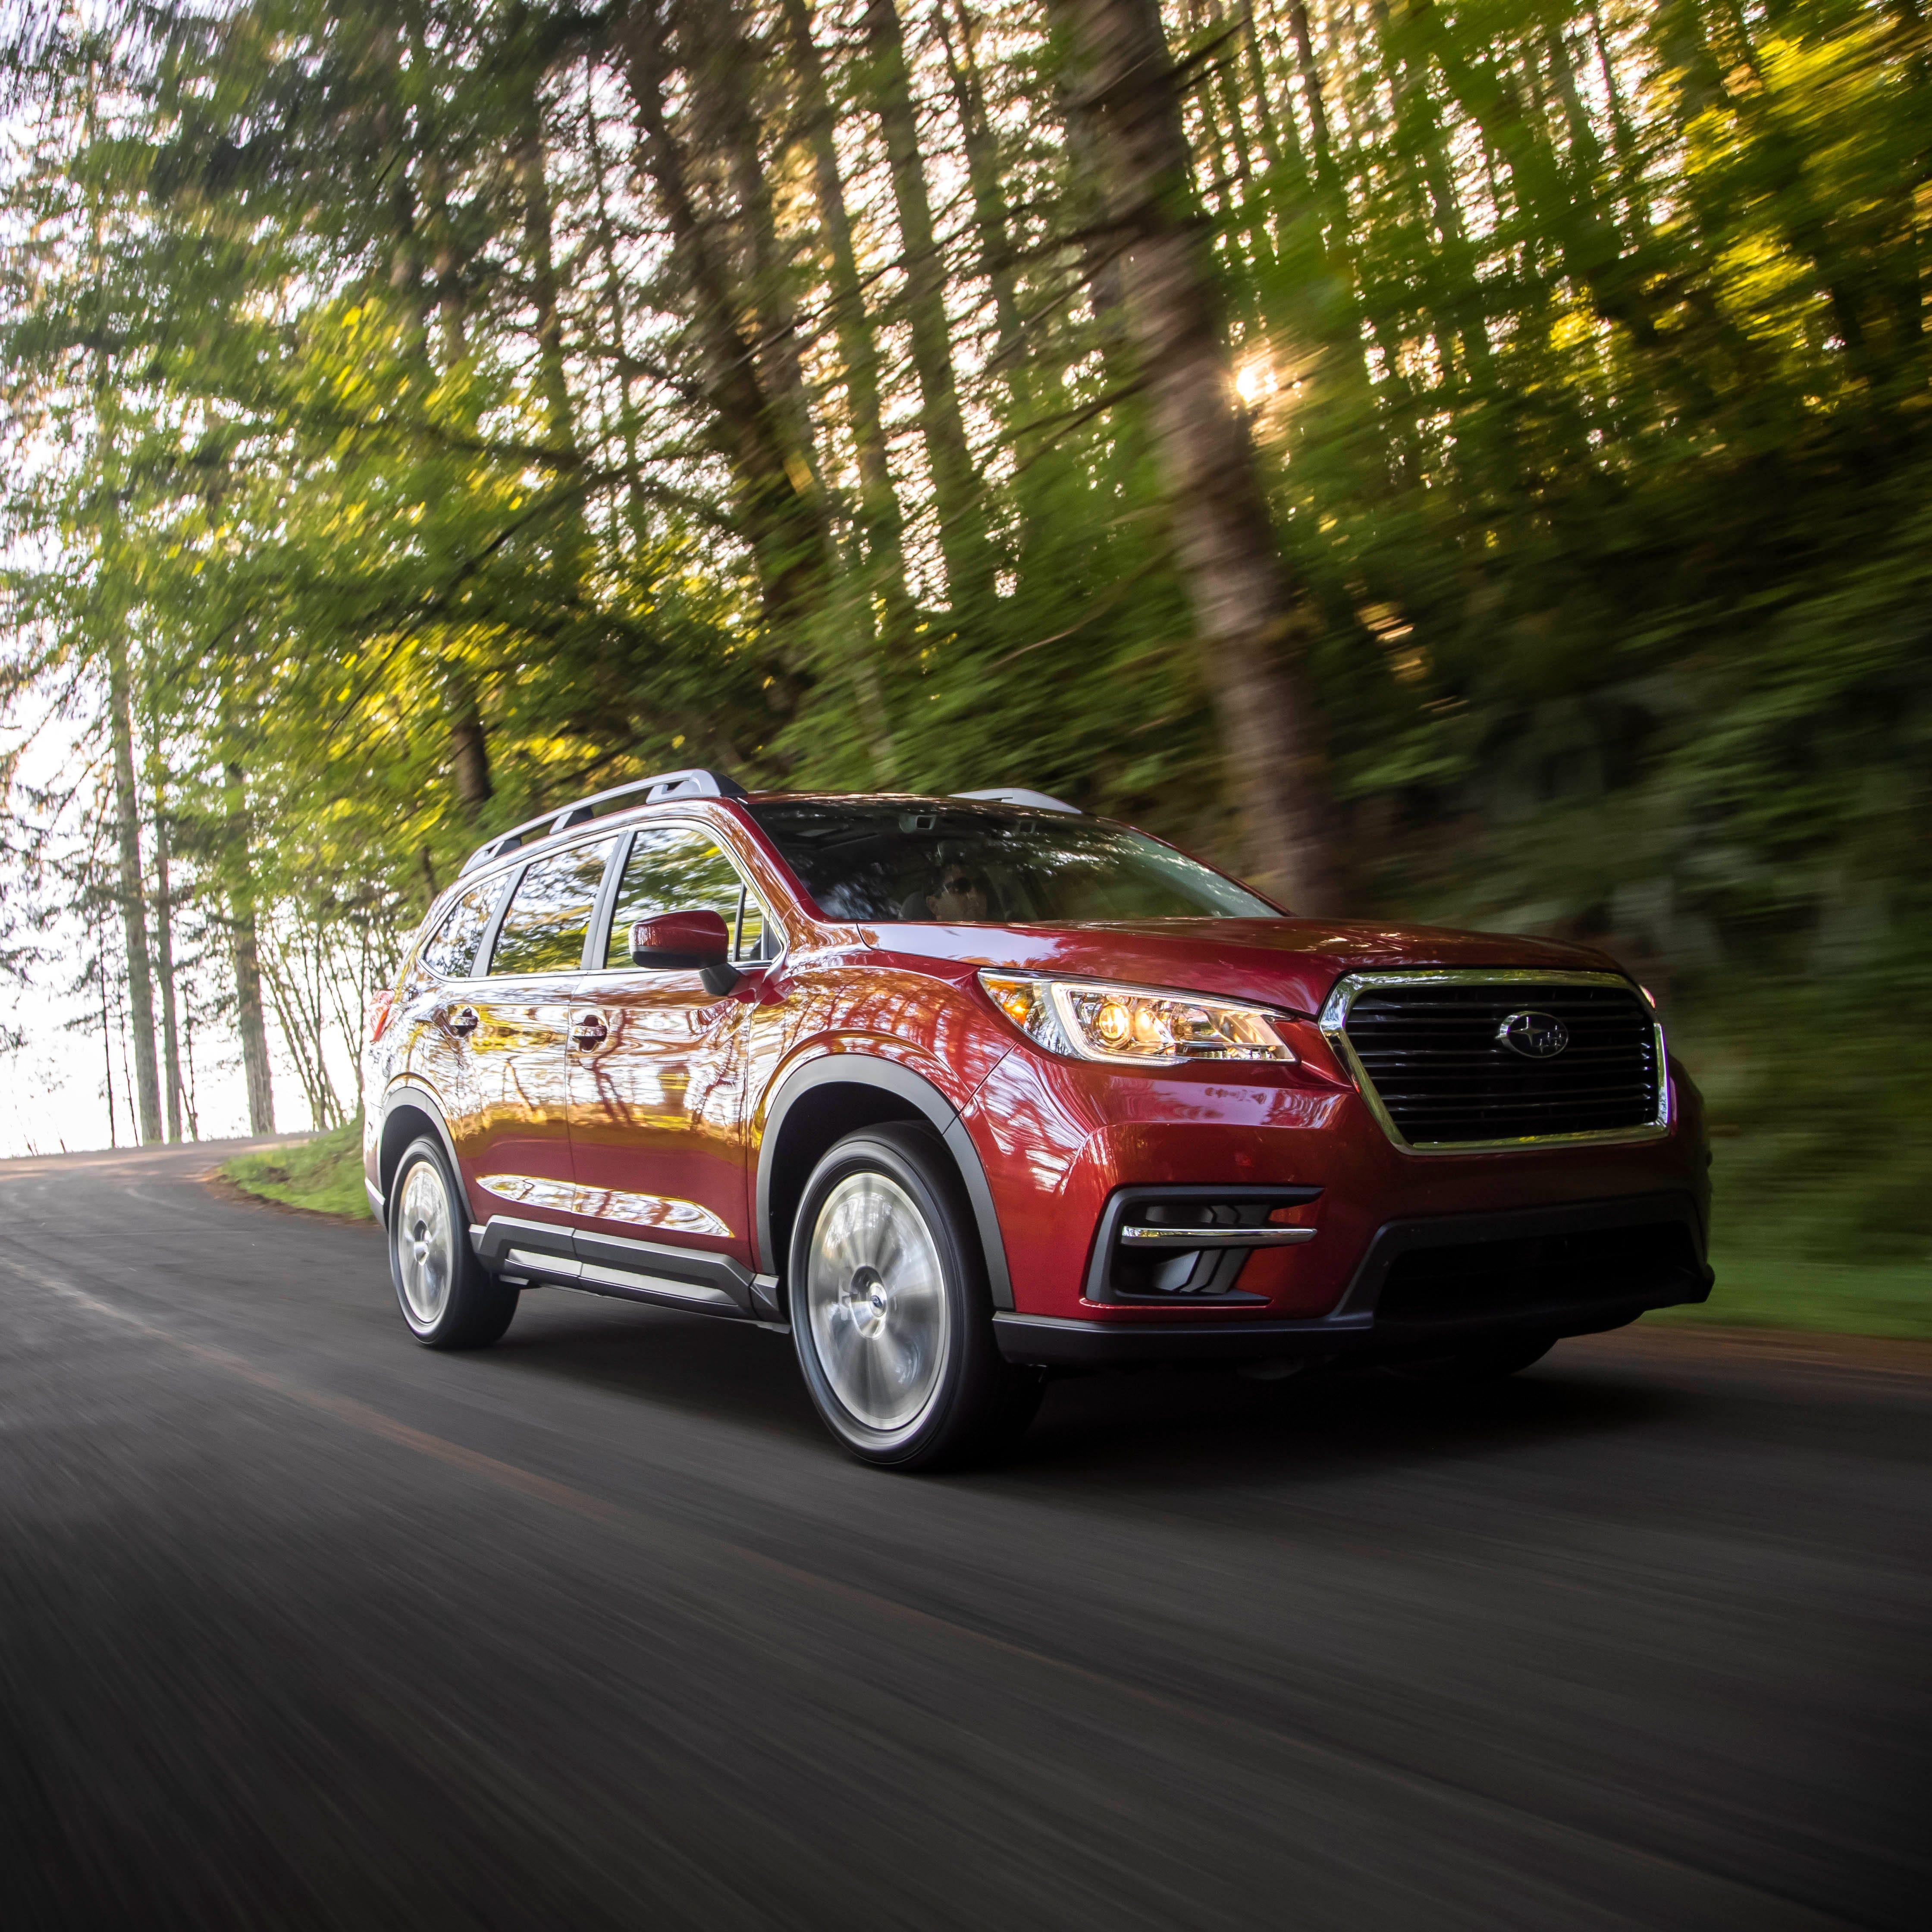 The 2019 Subaru Ascent.